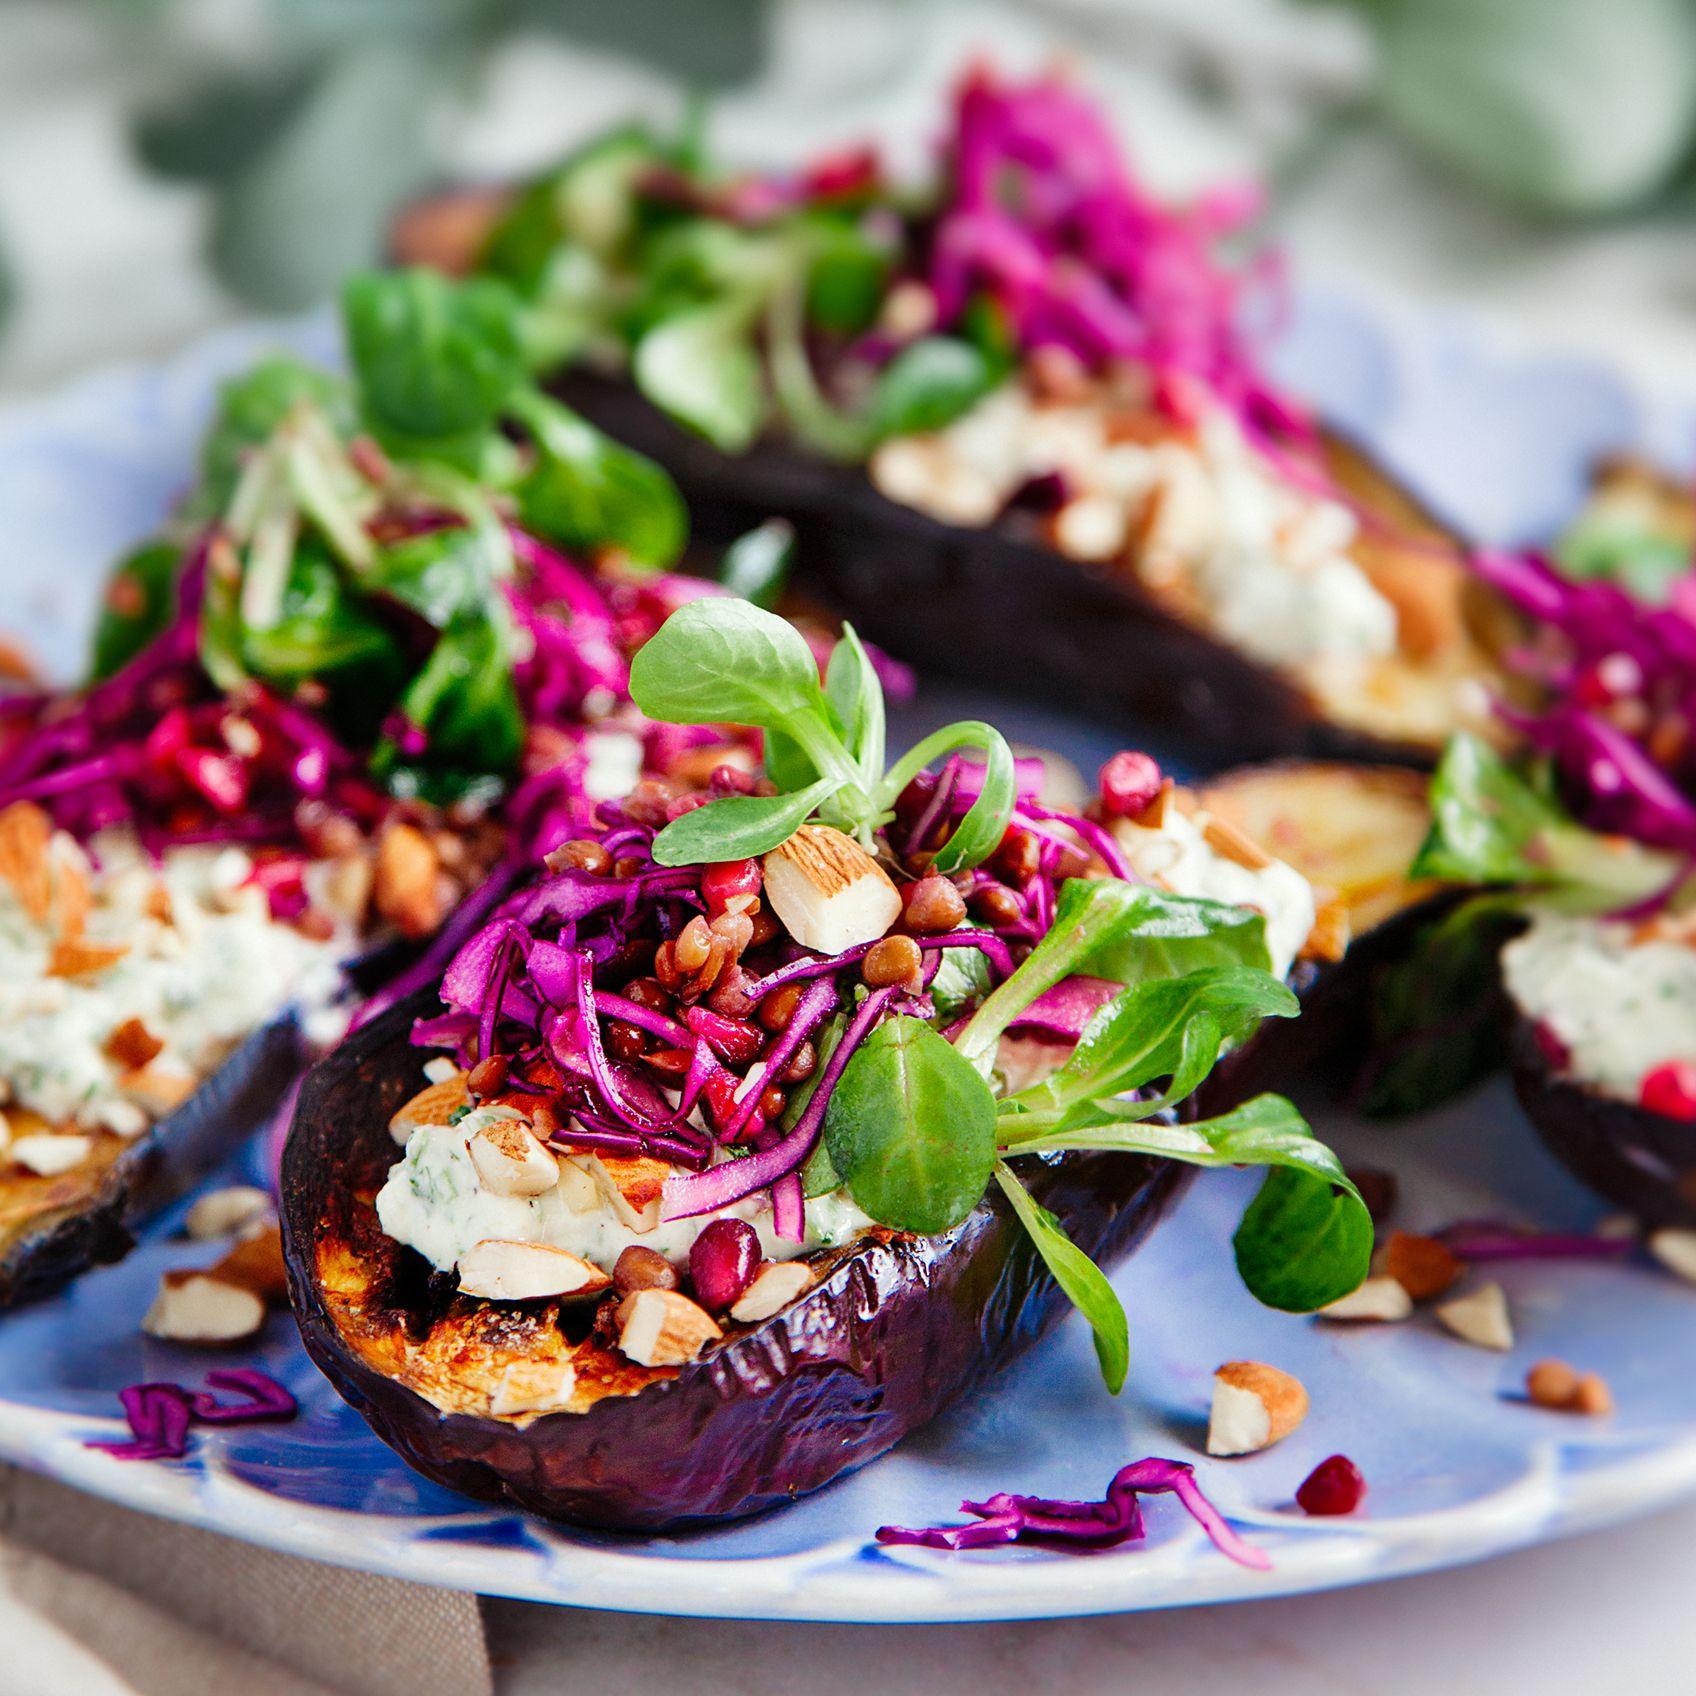 auberginegratäng med fetaost